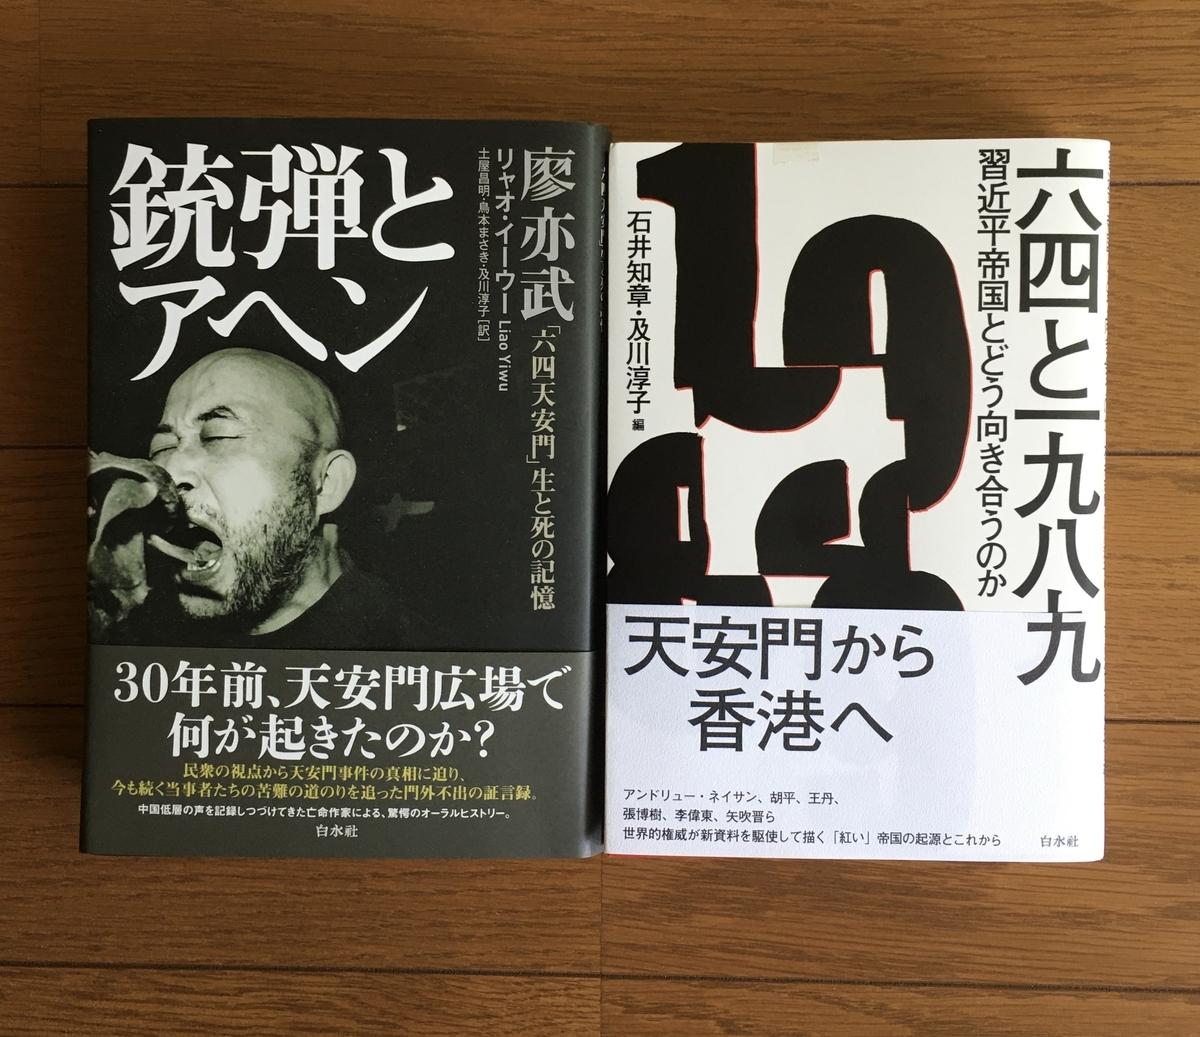 f:id:kiyomiya-masaaki:20200408164705j:plain